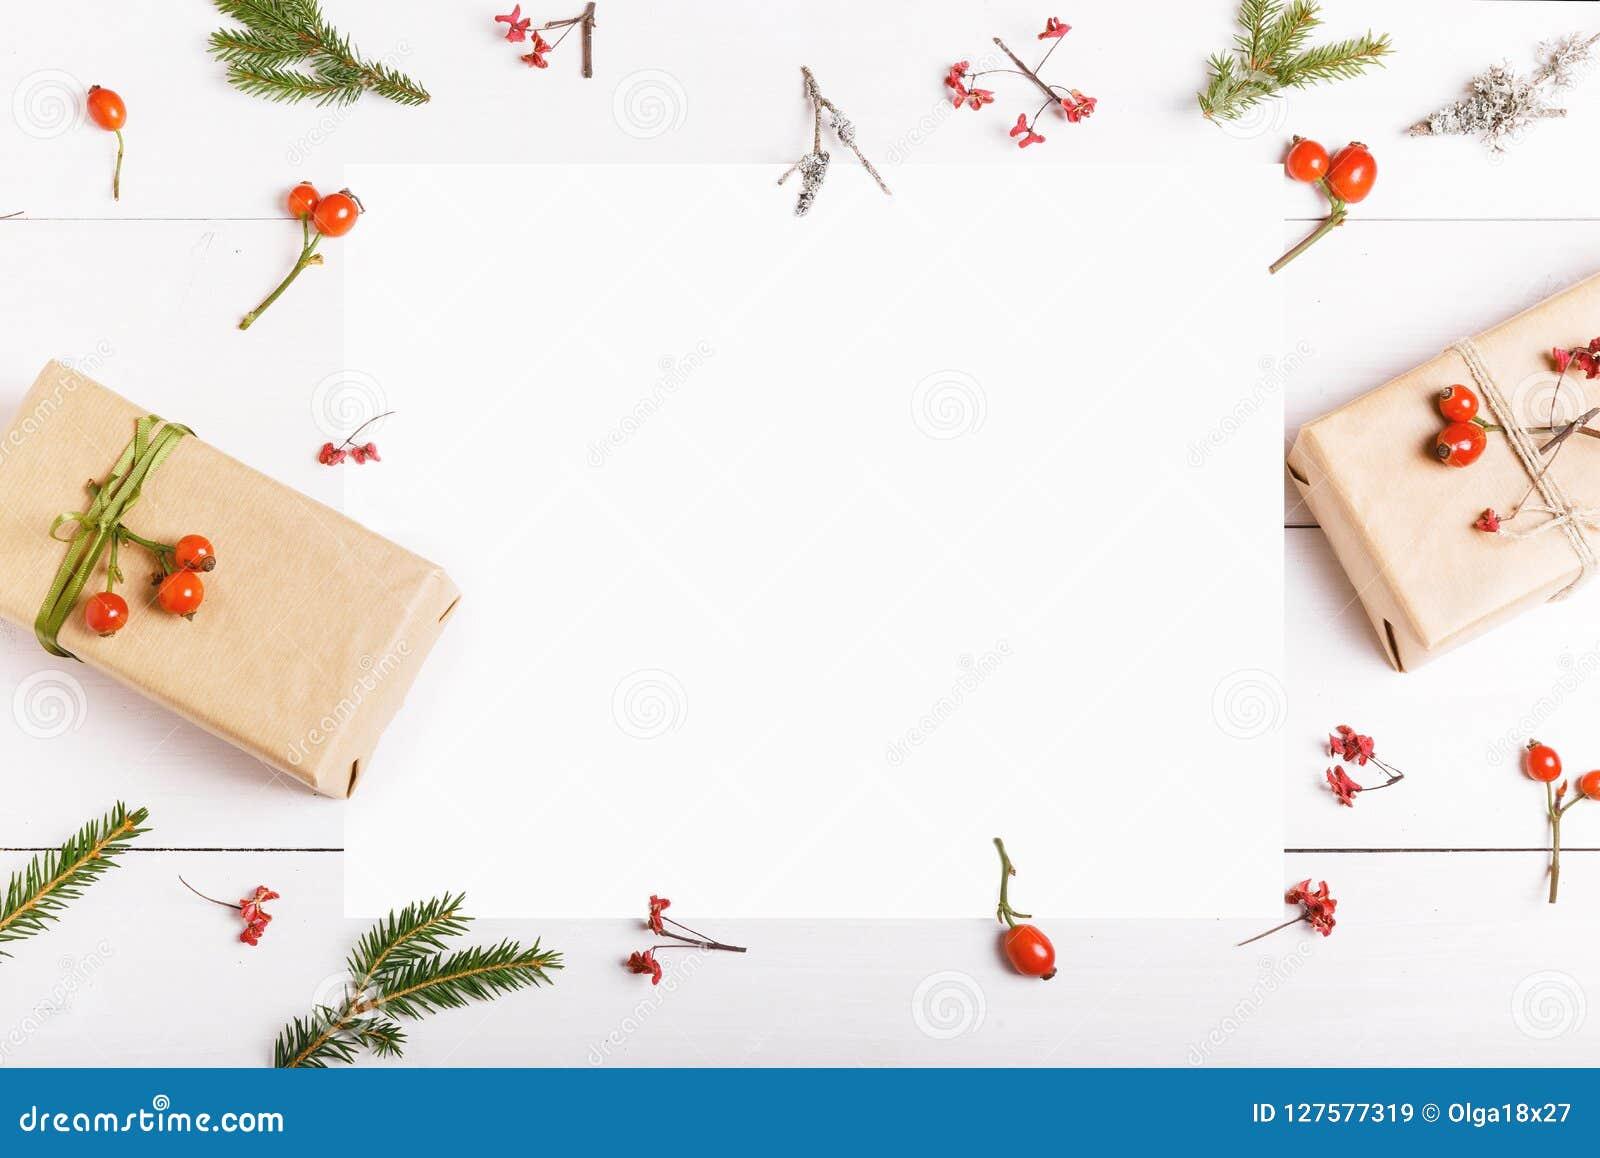 Carte De Voeux Vierge De Noël Dans Le Cadre Des Branches De